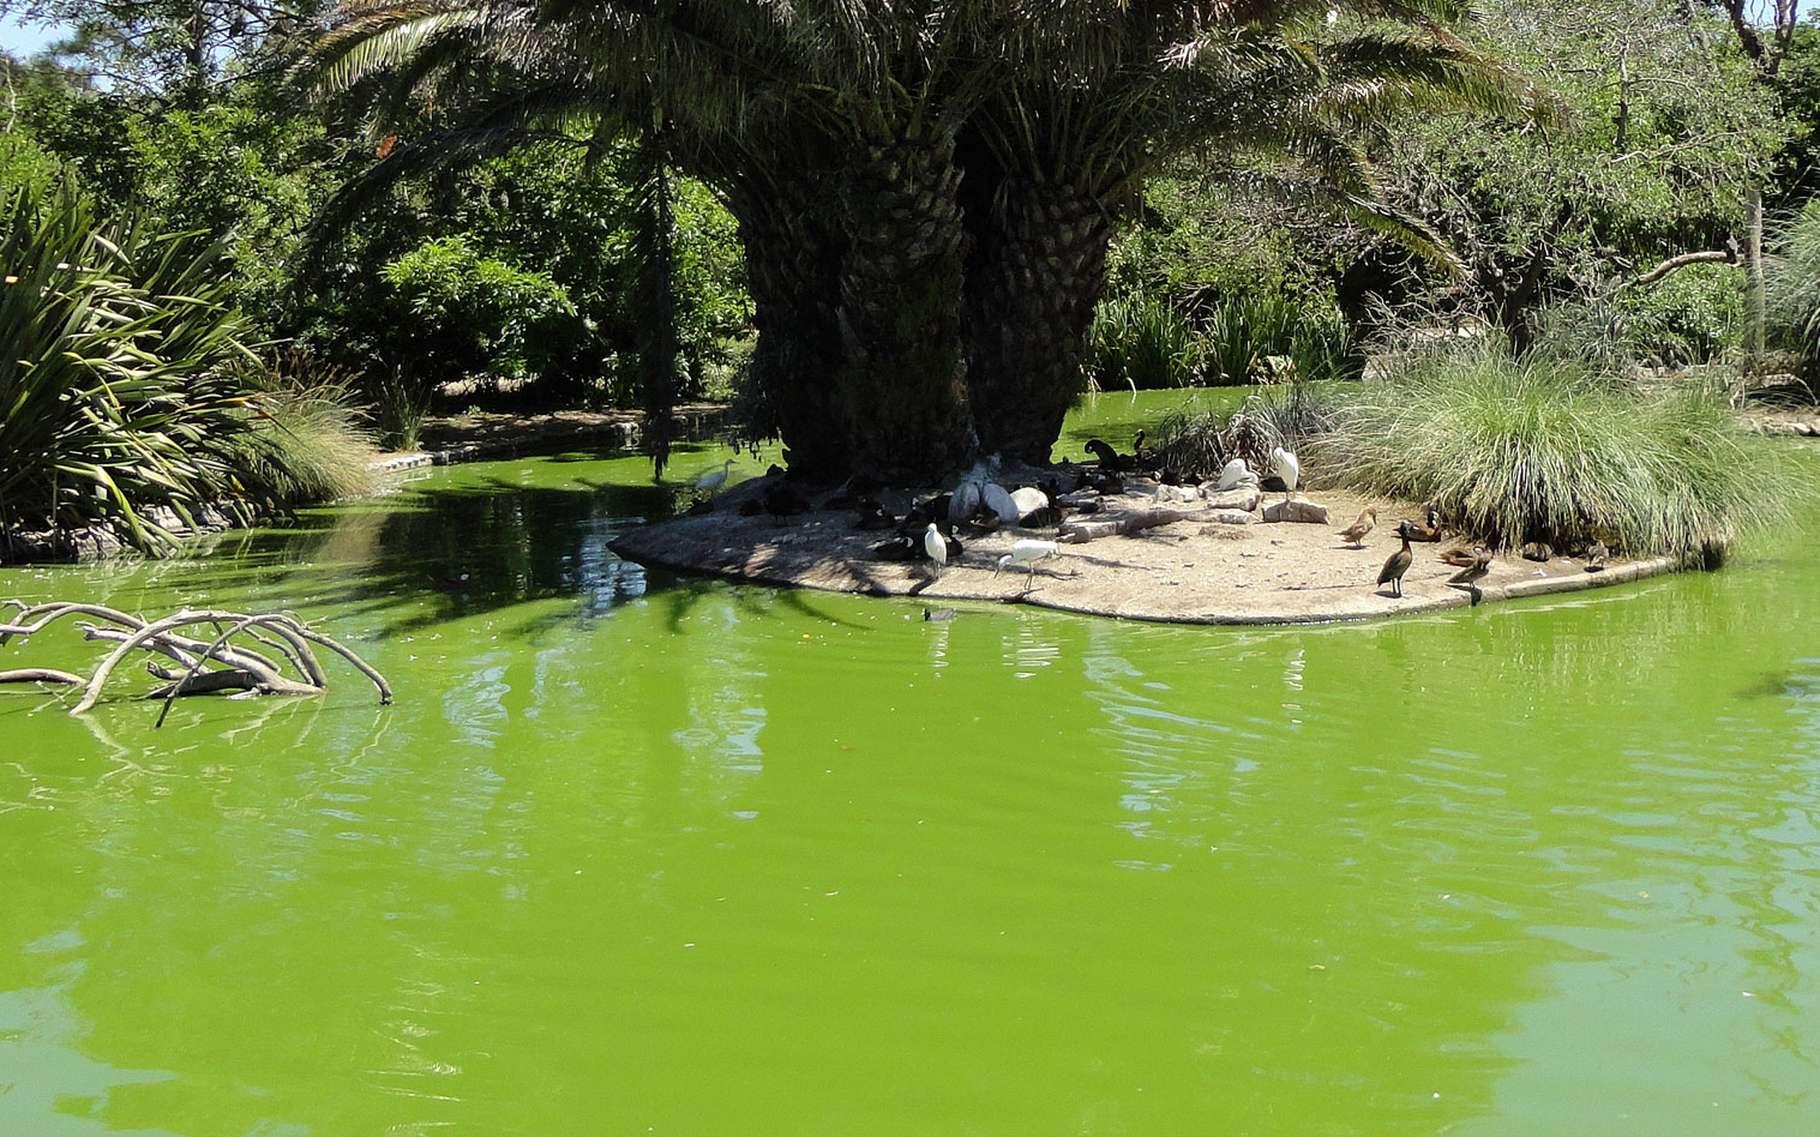 Bassin Préformé Hors Sol bassin de jardin : quelles dimensions ? | dossier